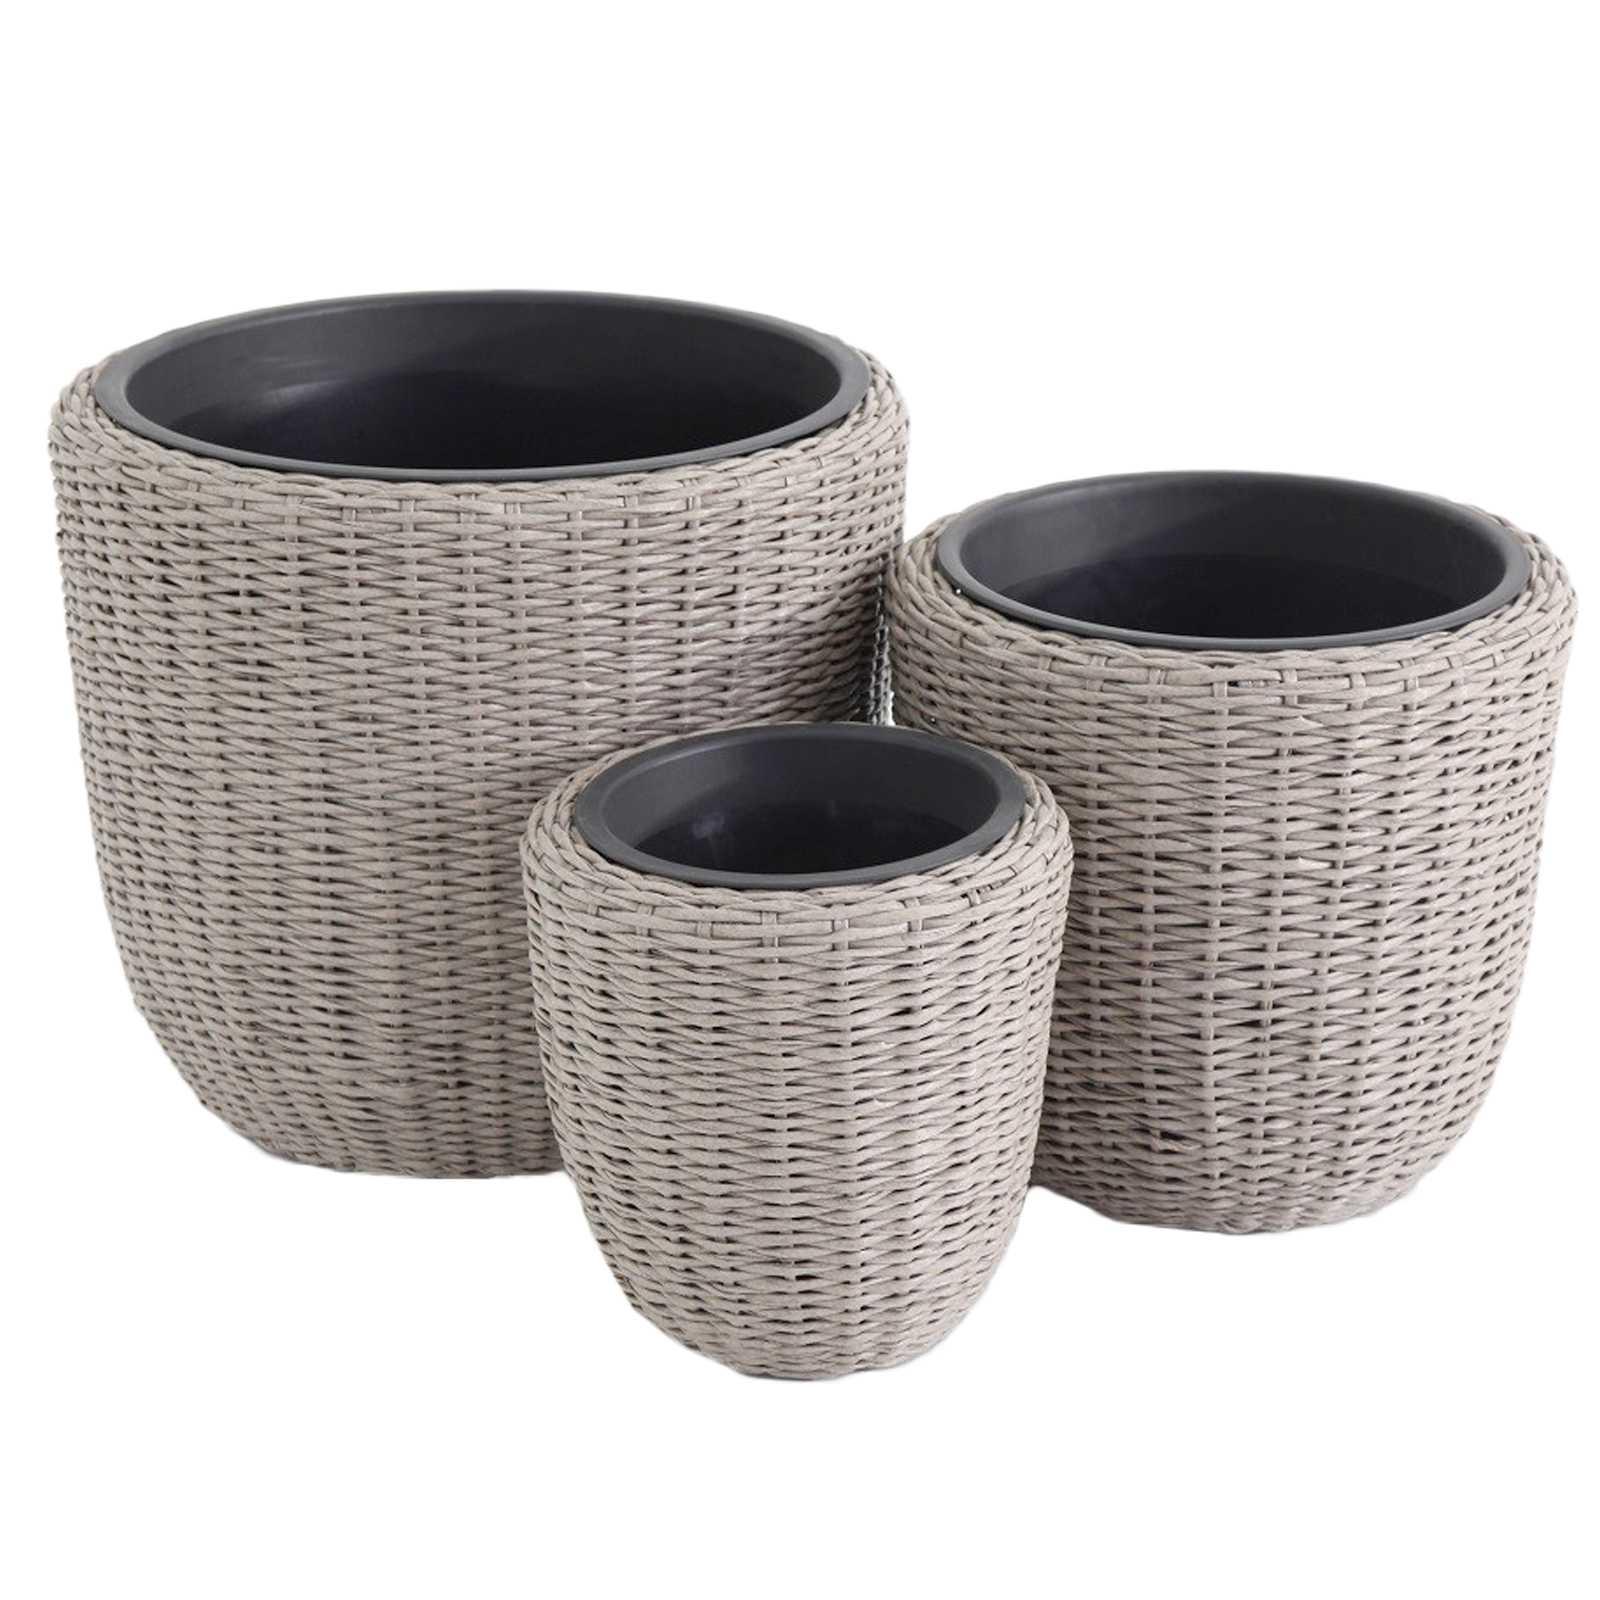 Set con 3 portavasi forma circolare in polirattan con struttura in acciaio